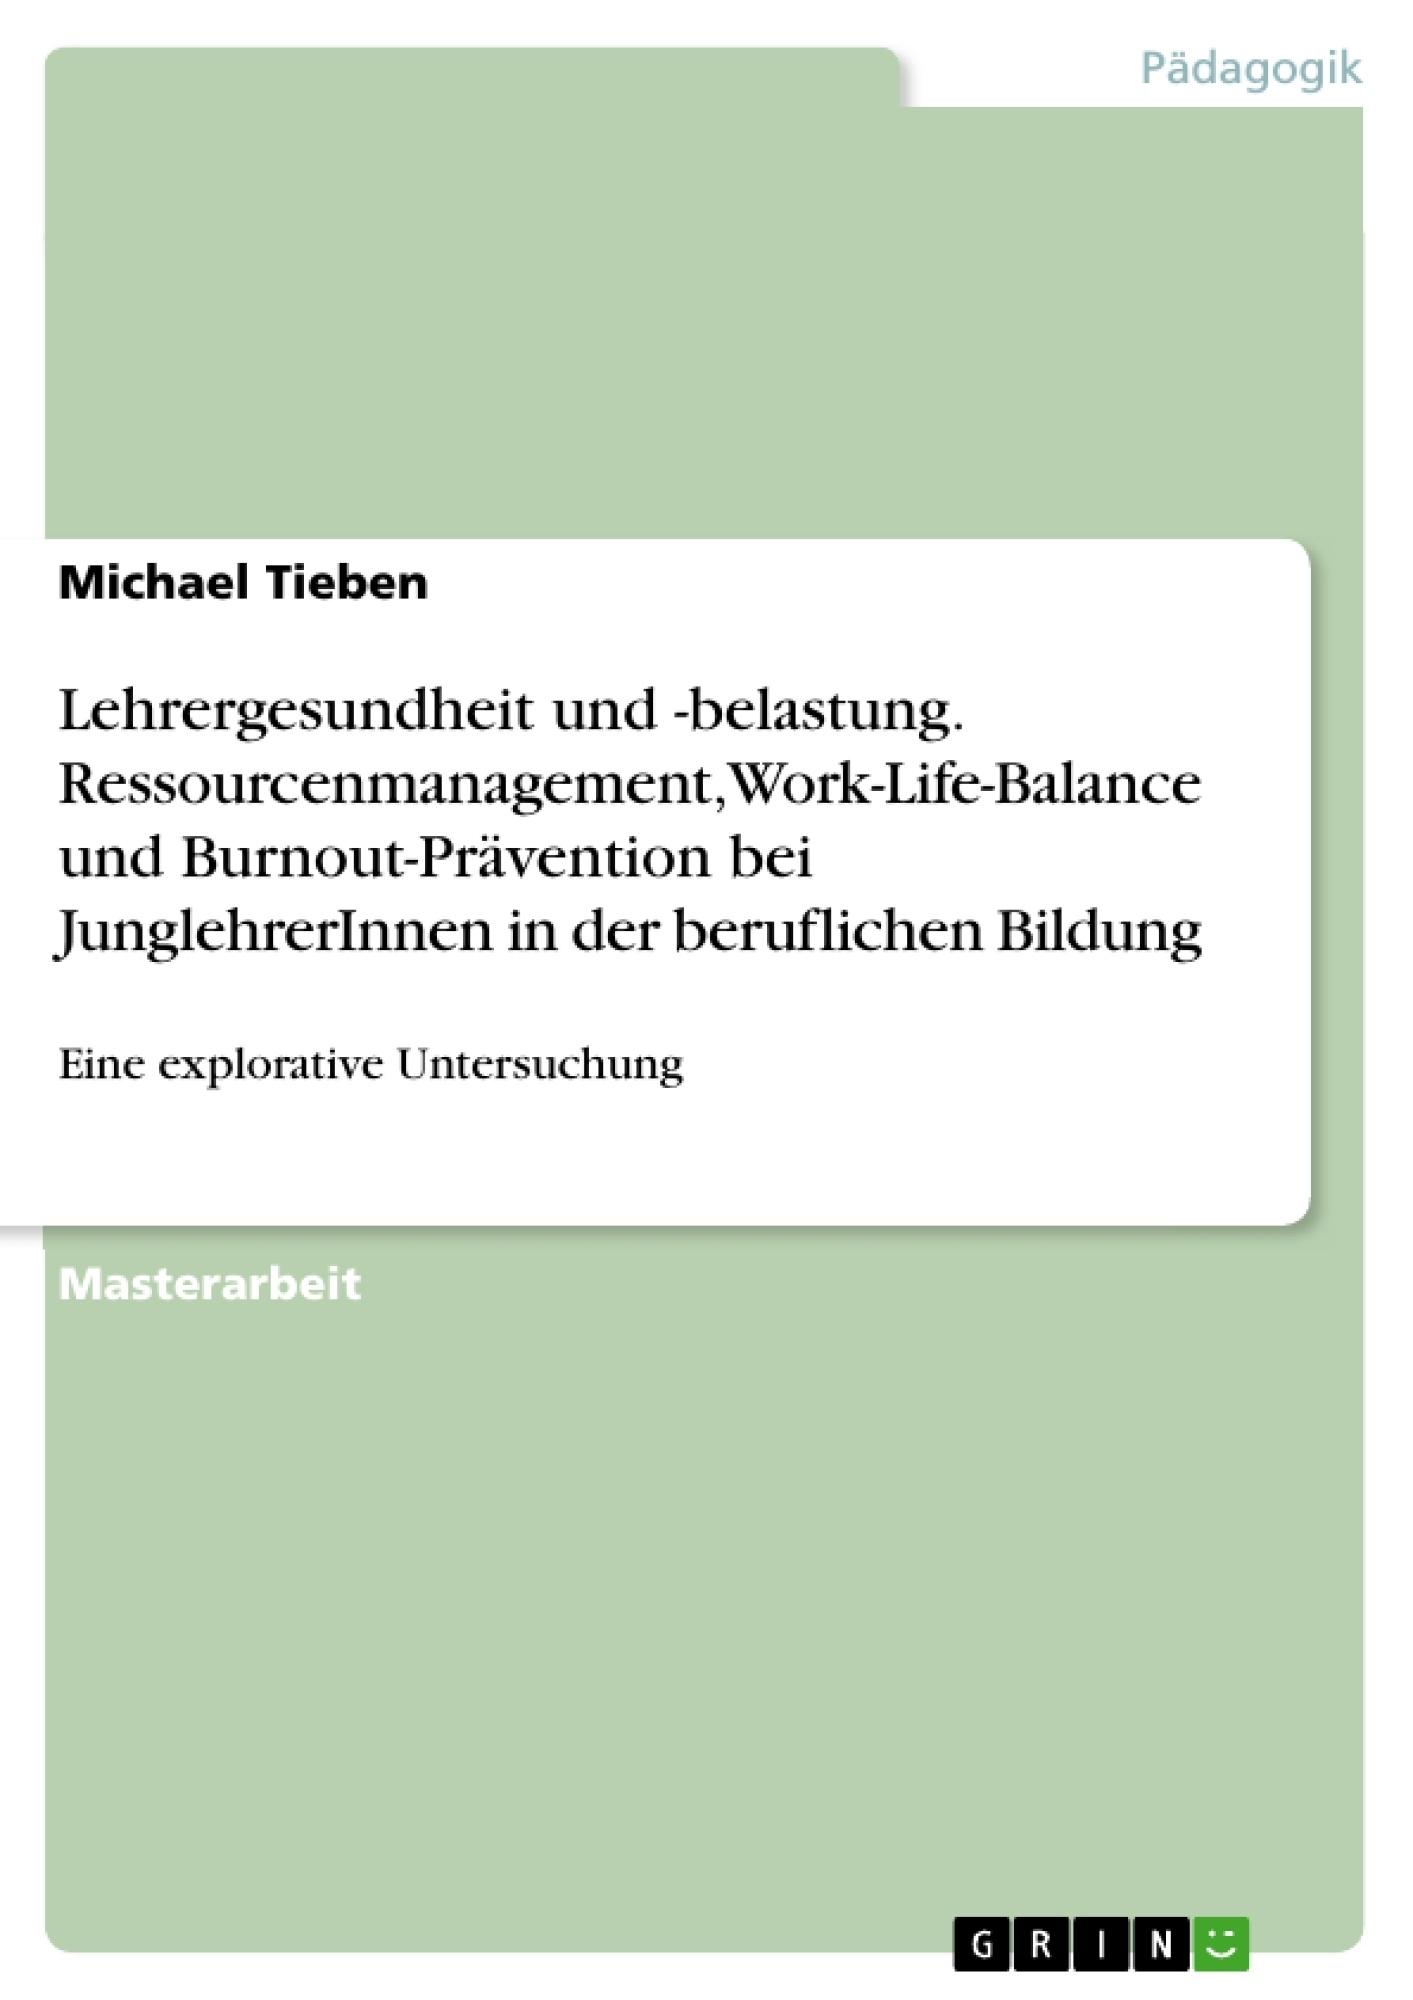 Titel: Lehrergesundheit und -belastung. Ressourcenmanagement, Work-Life-Balance und Burnout-Prävention bei JunglehrerInnen in der beruflichen Bildung